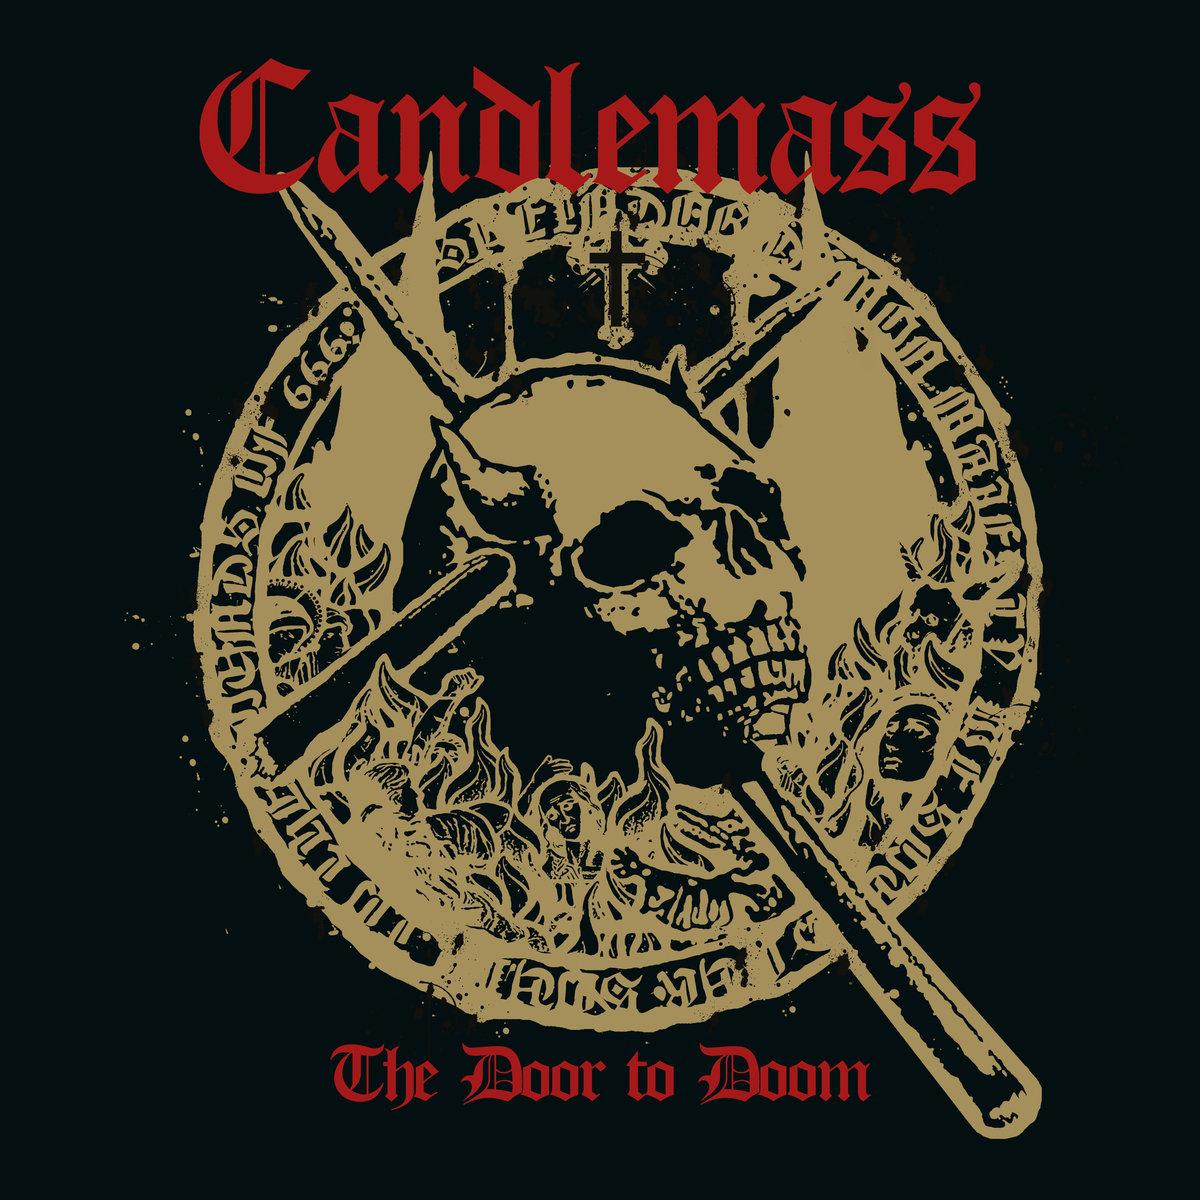 Candlemass | The Door to Doom | Napalm